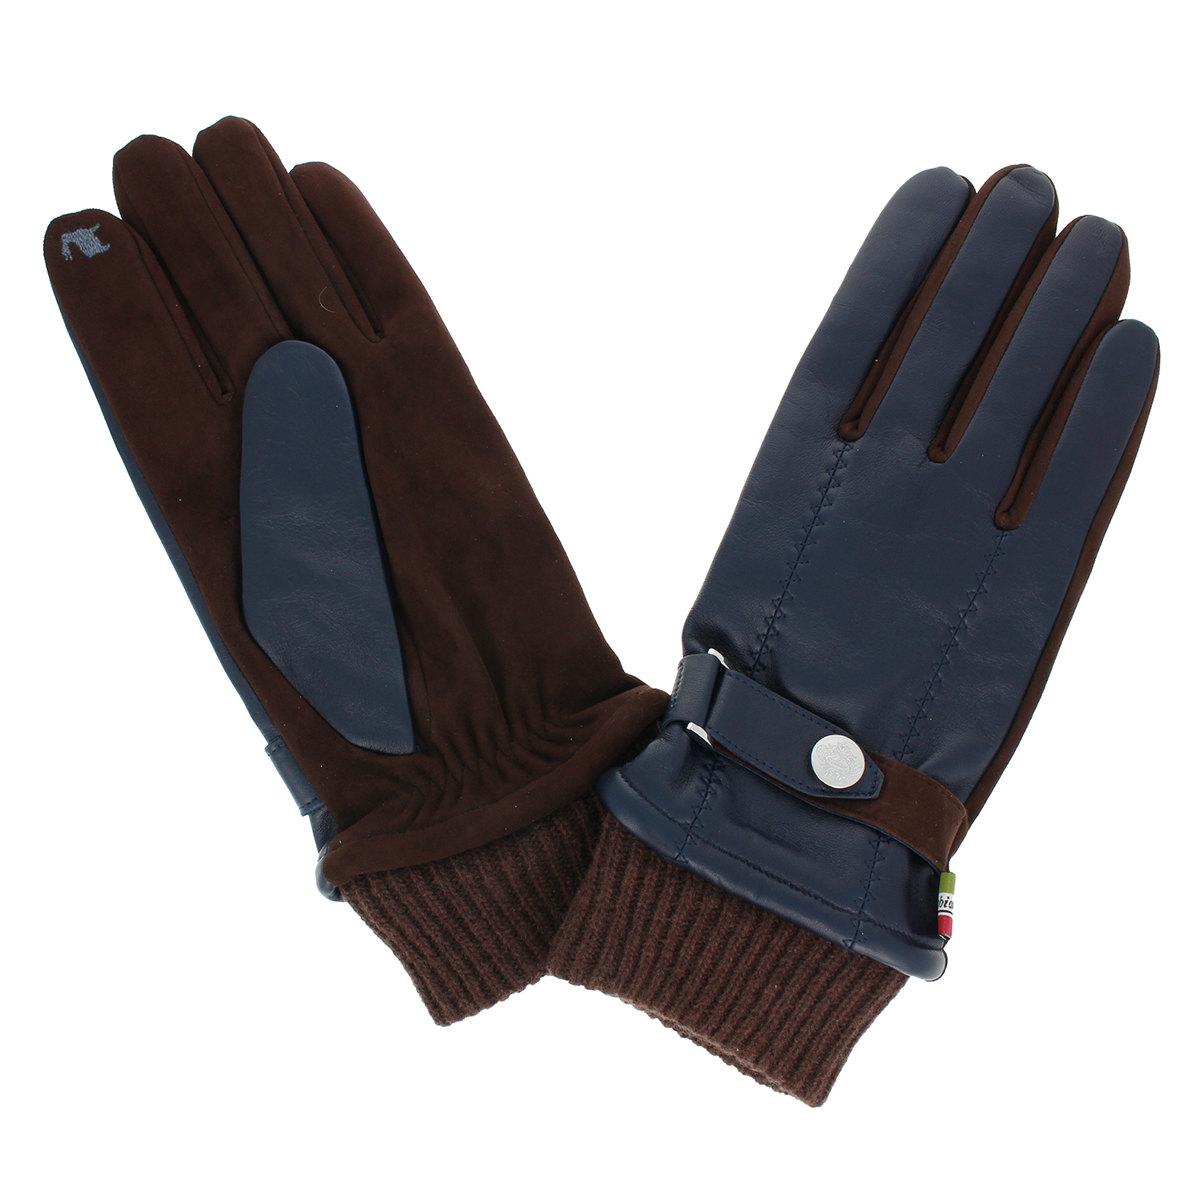 メンズ革手袋 オロビアンコ 男性用 羊革 レザー スマホ対応 プレゼント 通勤 おしゃれ ビジネス小物 ファッション雑貨 カジュアル